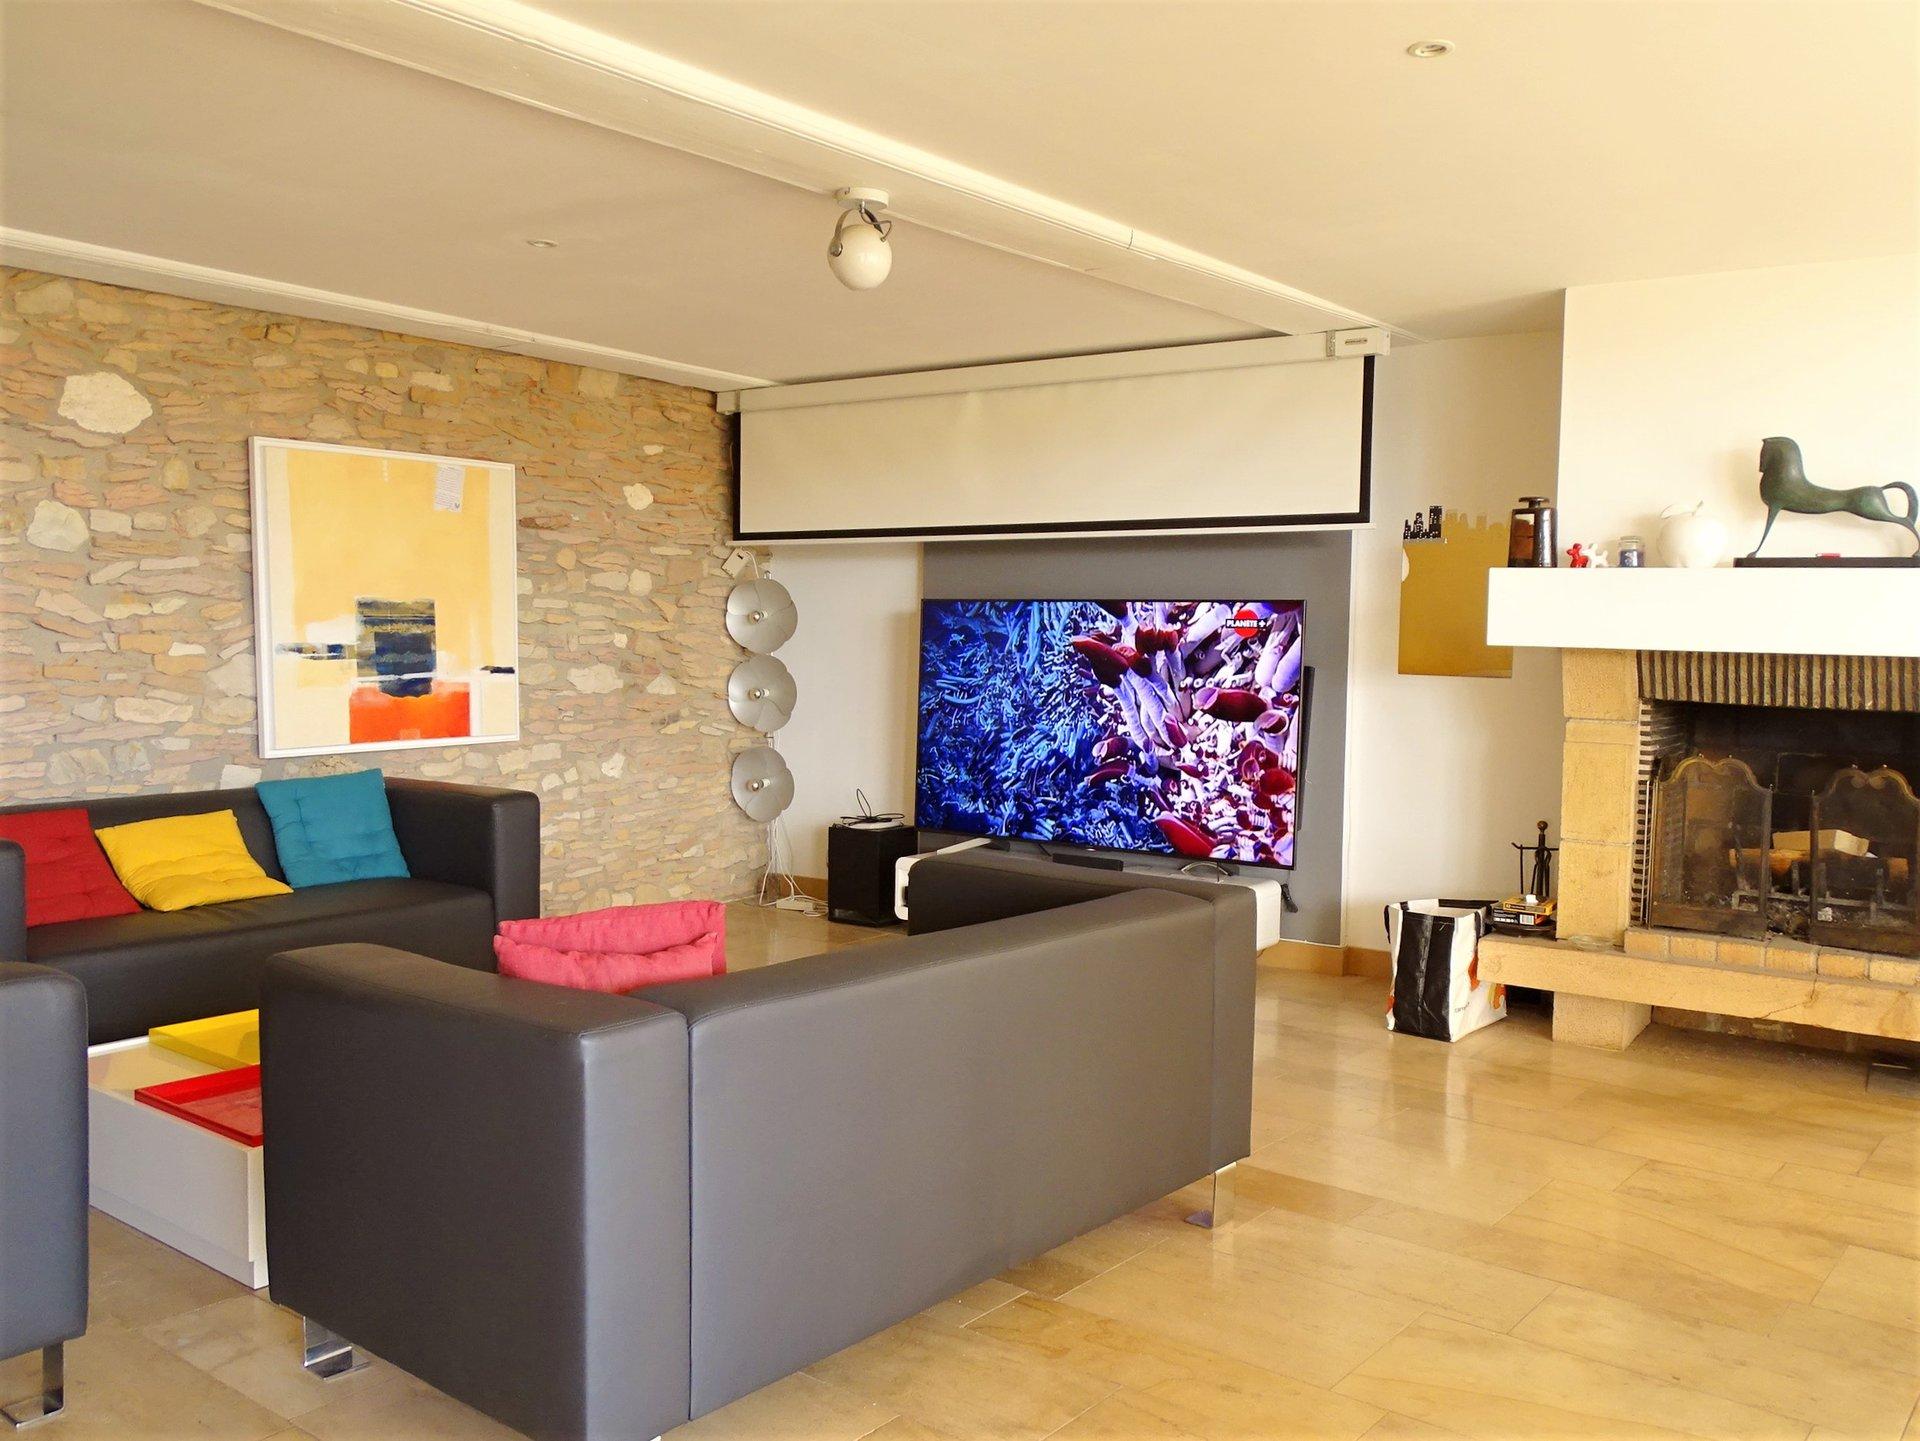 A 5mn de Mâcon, à pied des commodités dans le village d'Hurigny, superbe maison atypique proposant des prestations et des volumes de qualité avec chaque niveau desservi par un ascenseur.  En rez de chaussée, elle dispose de nombreuses dépendances : garages, atelier, cave, buanderie et salle de cinéma. Au premier étage, un superbe dégagement en pierre dessert une pièce à vivre de 120 m² baignée de lumière puis une suite parentale de 33 m², une seconde chambre de 18 m² et un bureau.  Au dernier étage, elle dispose de deux autres chambres (12 et 22 m²), d'une grande salle de douche avec dressing puis d'une belle cuisine d'été équipée donnant directement sur un très beau toit terrasse de 73 m².  Cette maison dispose d'un charme non négligeable, de très belles prestations avec matériaux de qualité (restauration complète en 2009) et de nombreux atouts à découvrir au fil d'une visite ! Honoraires à charge vendeurs